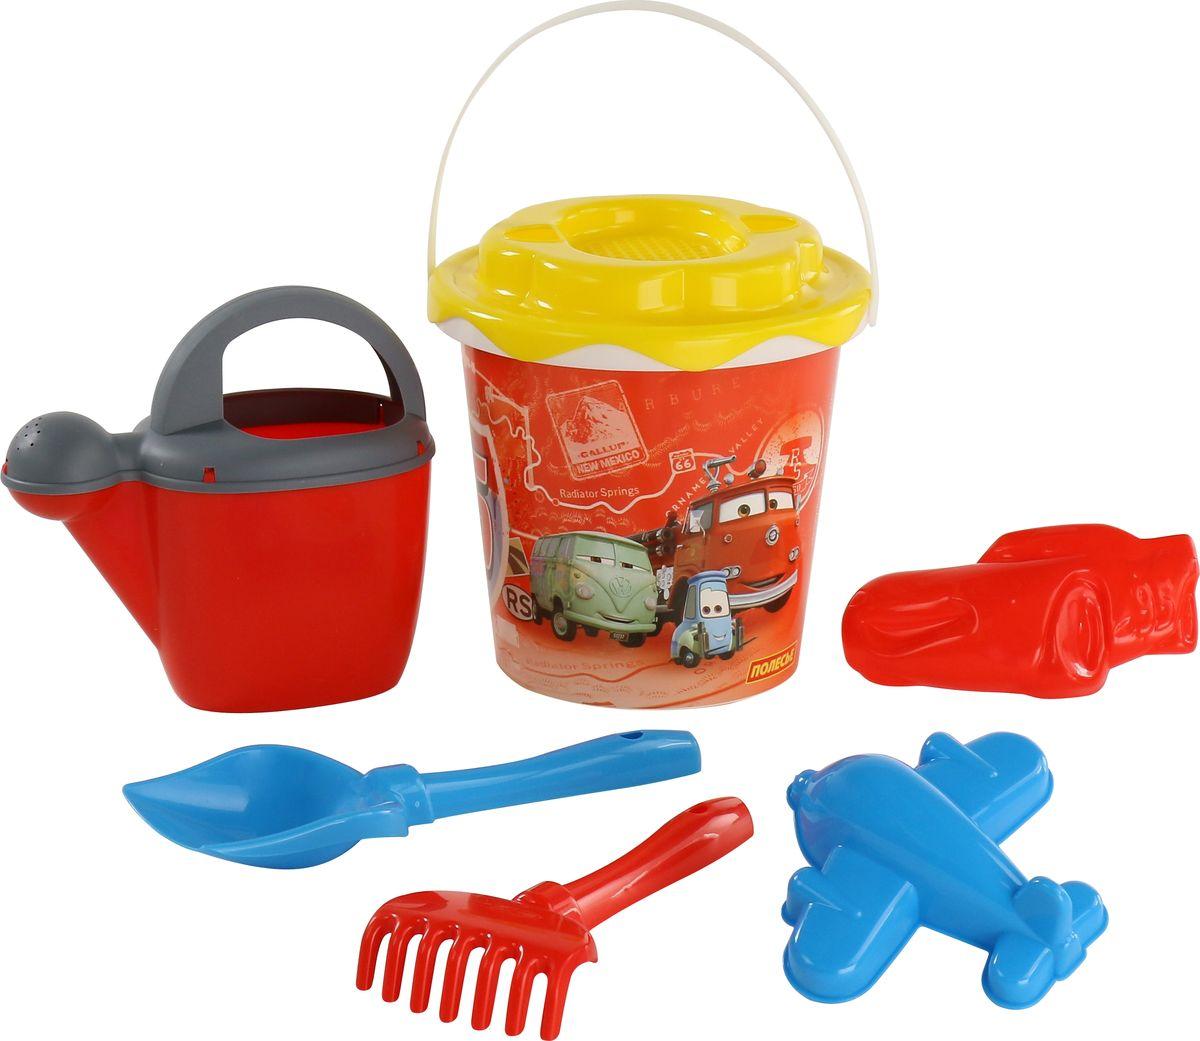 Disney / Pixar Набор игрушек для песочницы Тачки №20 disney pixar набор игрушек для песочницы тачки 18